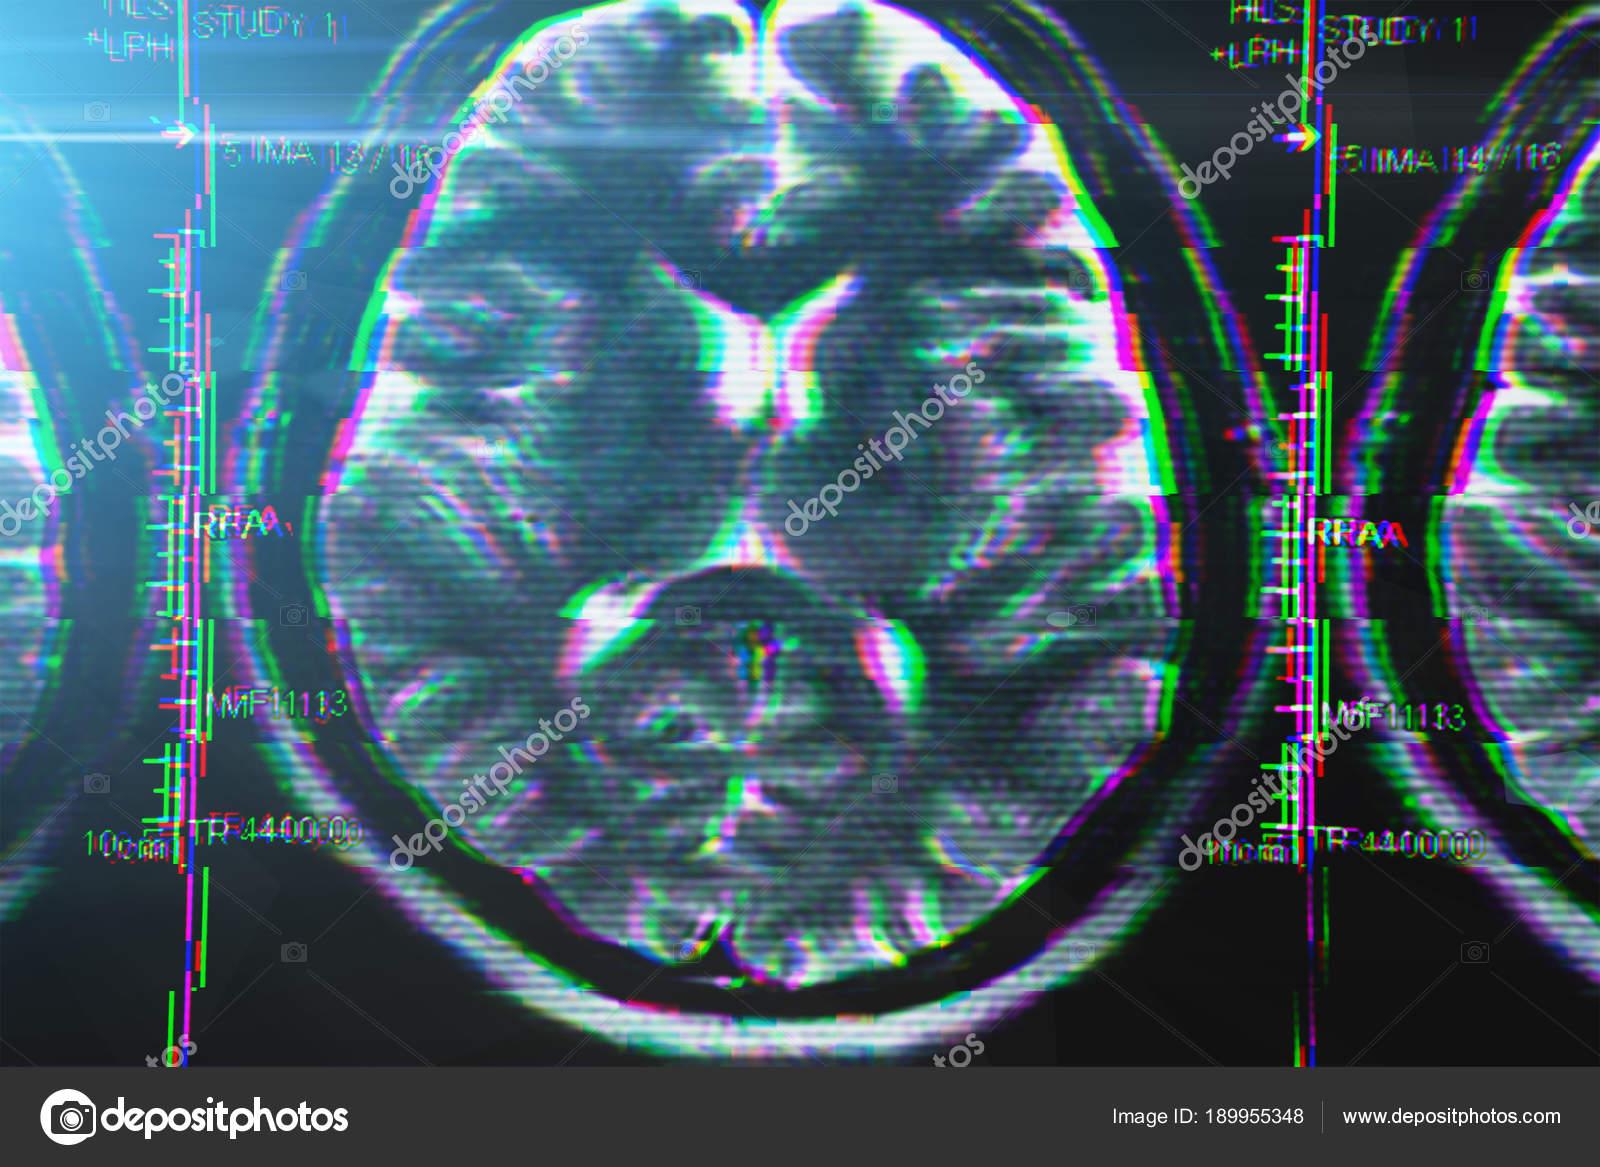 Röntgen- oder Mri Gehirn-Scan mit Glitch-Effekt. Abstraktes Konzept ...